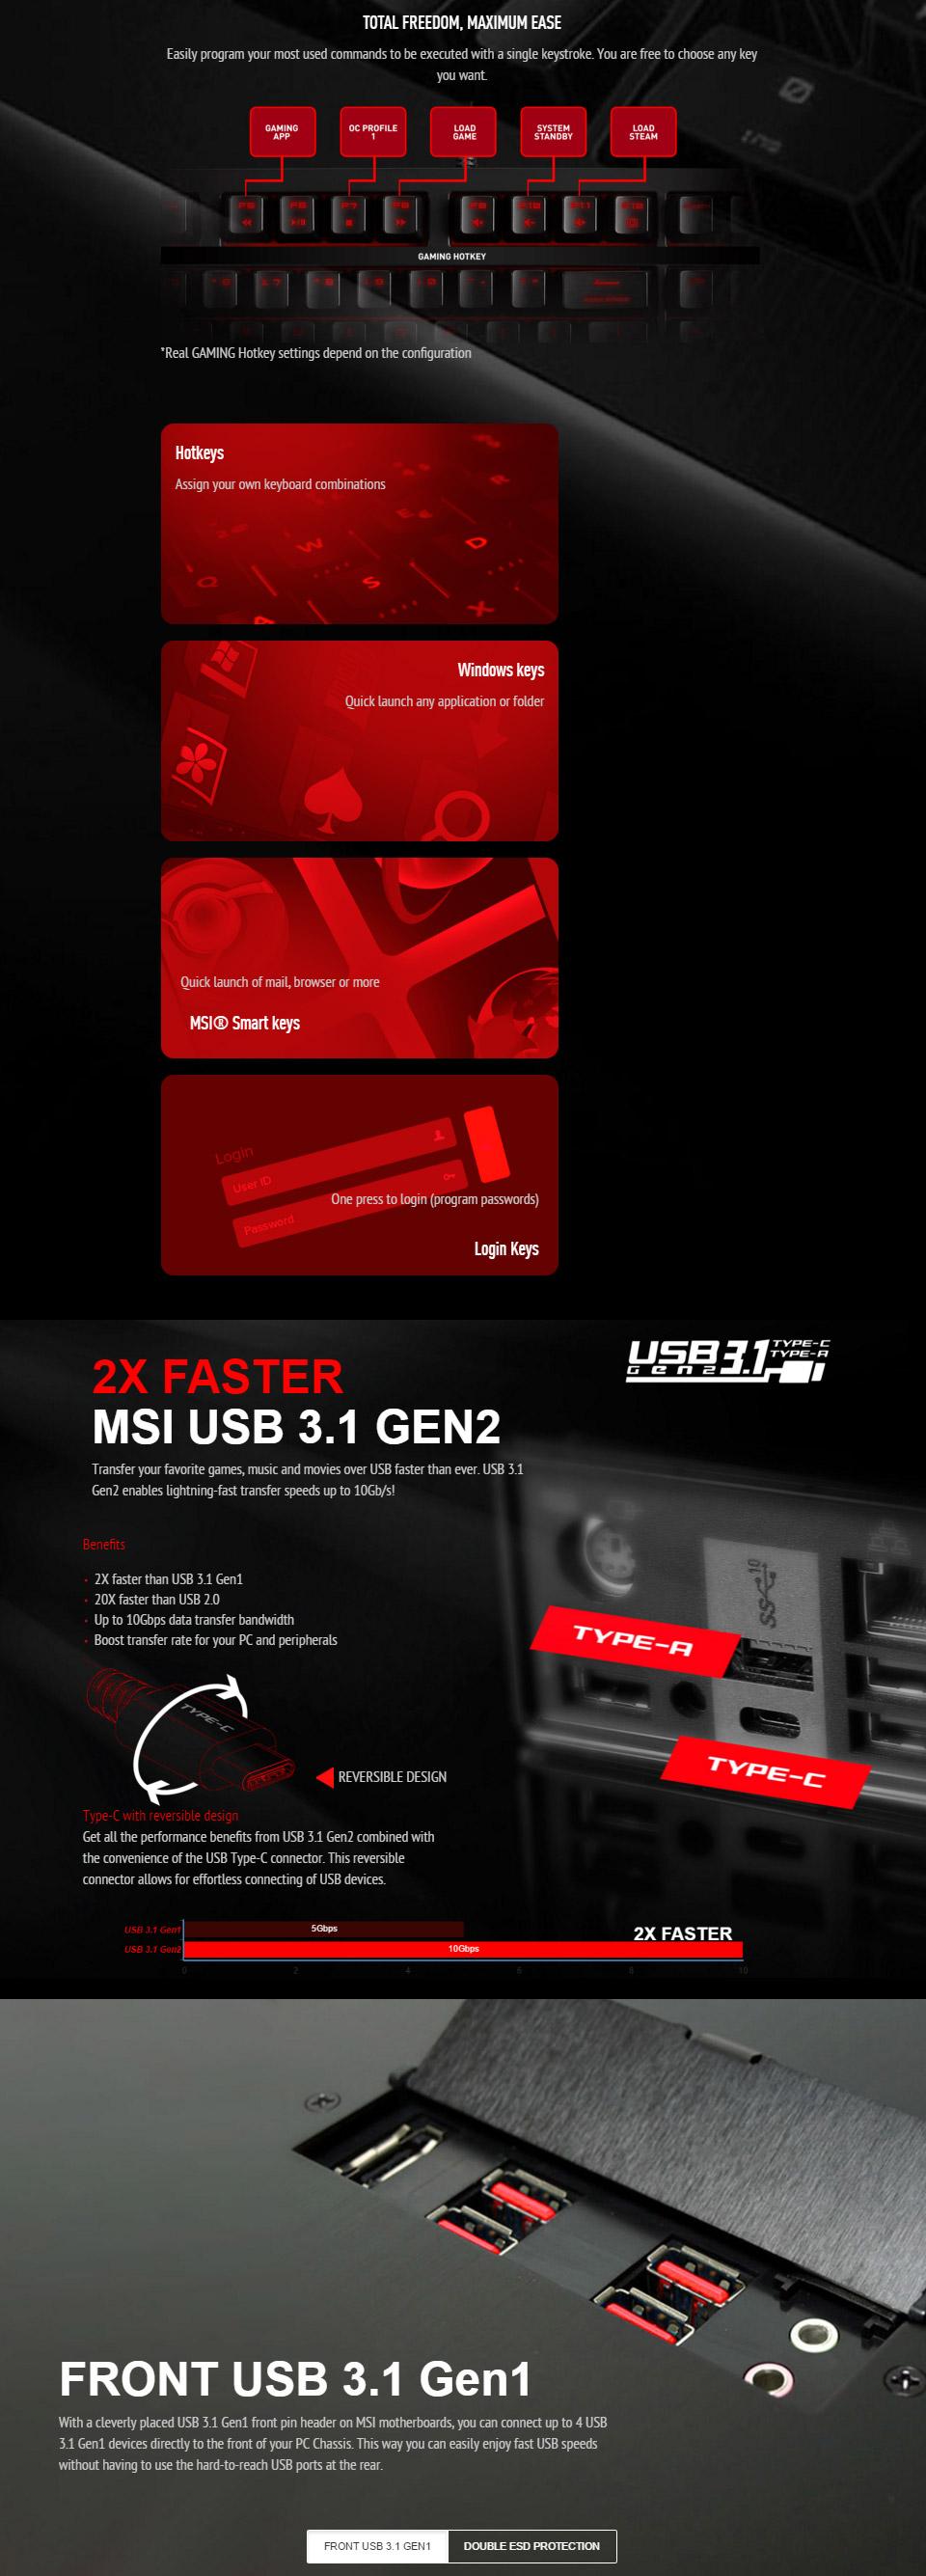 MSI Z170A Krait Gaming 3X Motherboard [Z170A-KRAIT-GAMING-3X